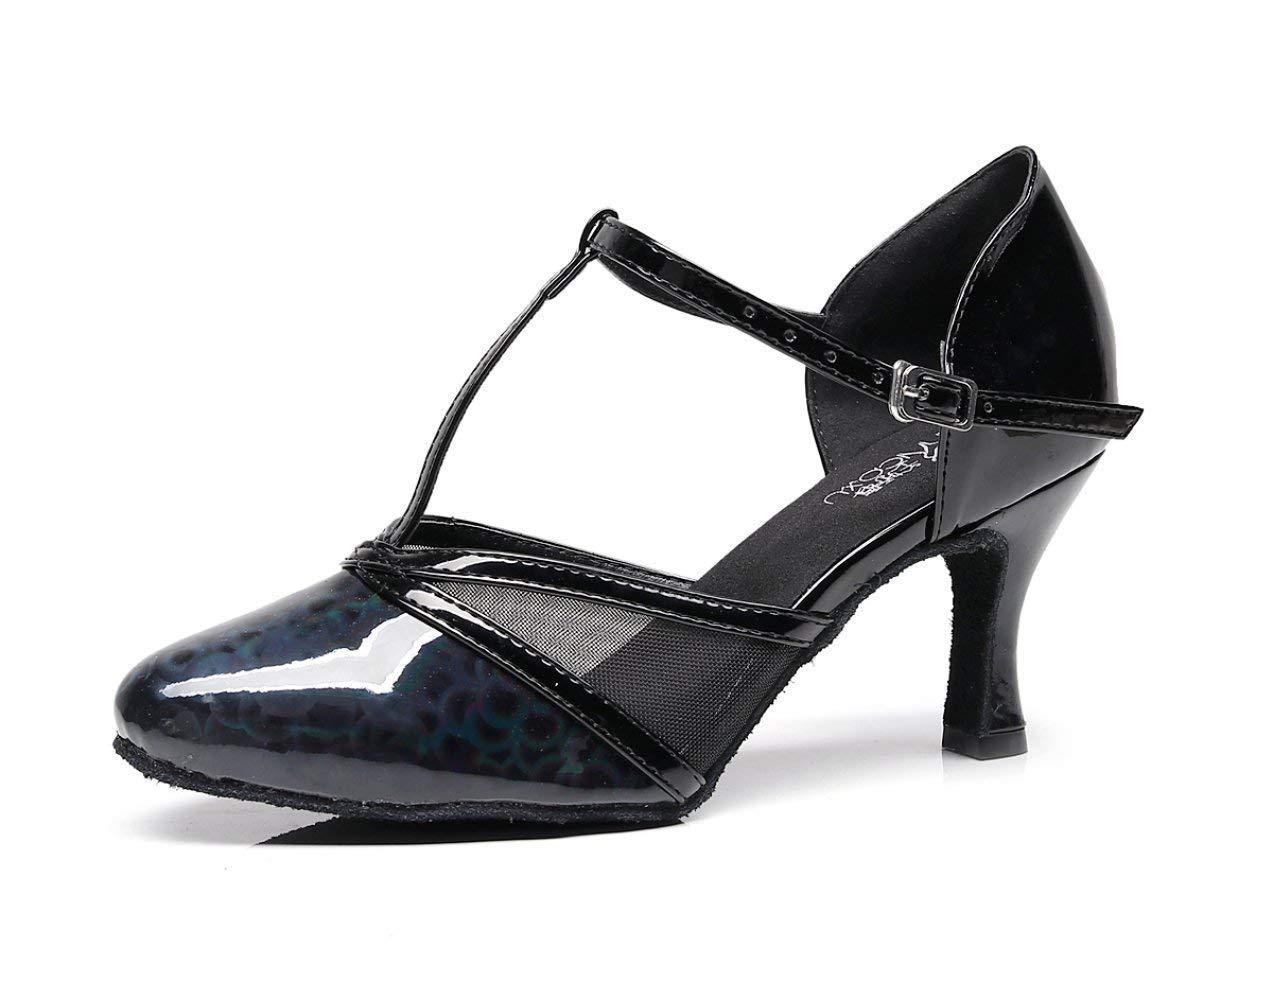 Yingsssq Frauen Pailletten Leder Leder Leder Spitze Zehenkätzchen Ferse Latin Ballroom Dance Schuhe SilberHeeled7.5cm-UK4   EU35   Our36 (Farbe   schwarzheeled7.5cm Größe   UK4 EU35 Our36) e8fd0c